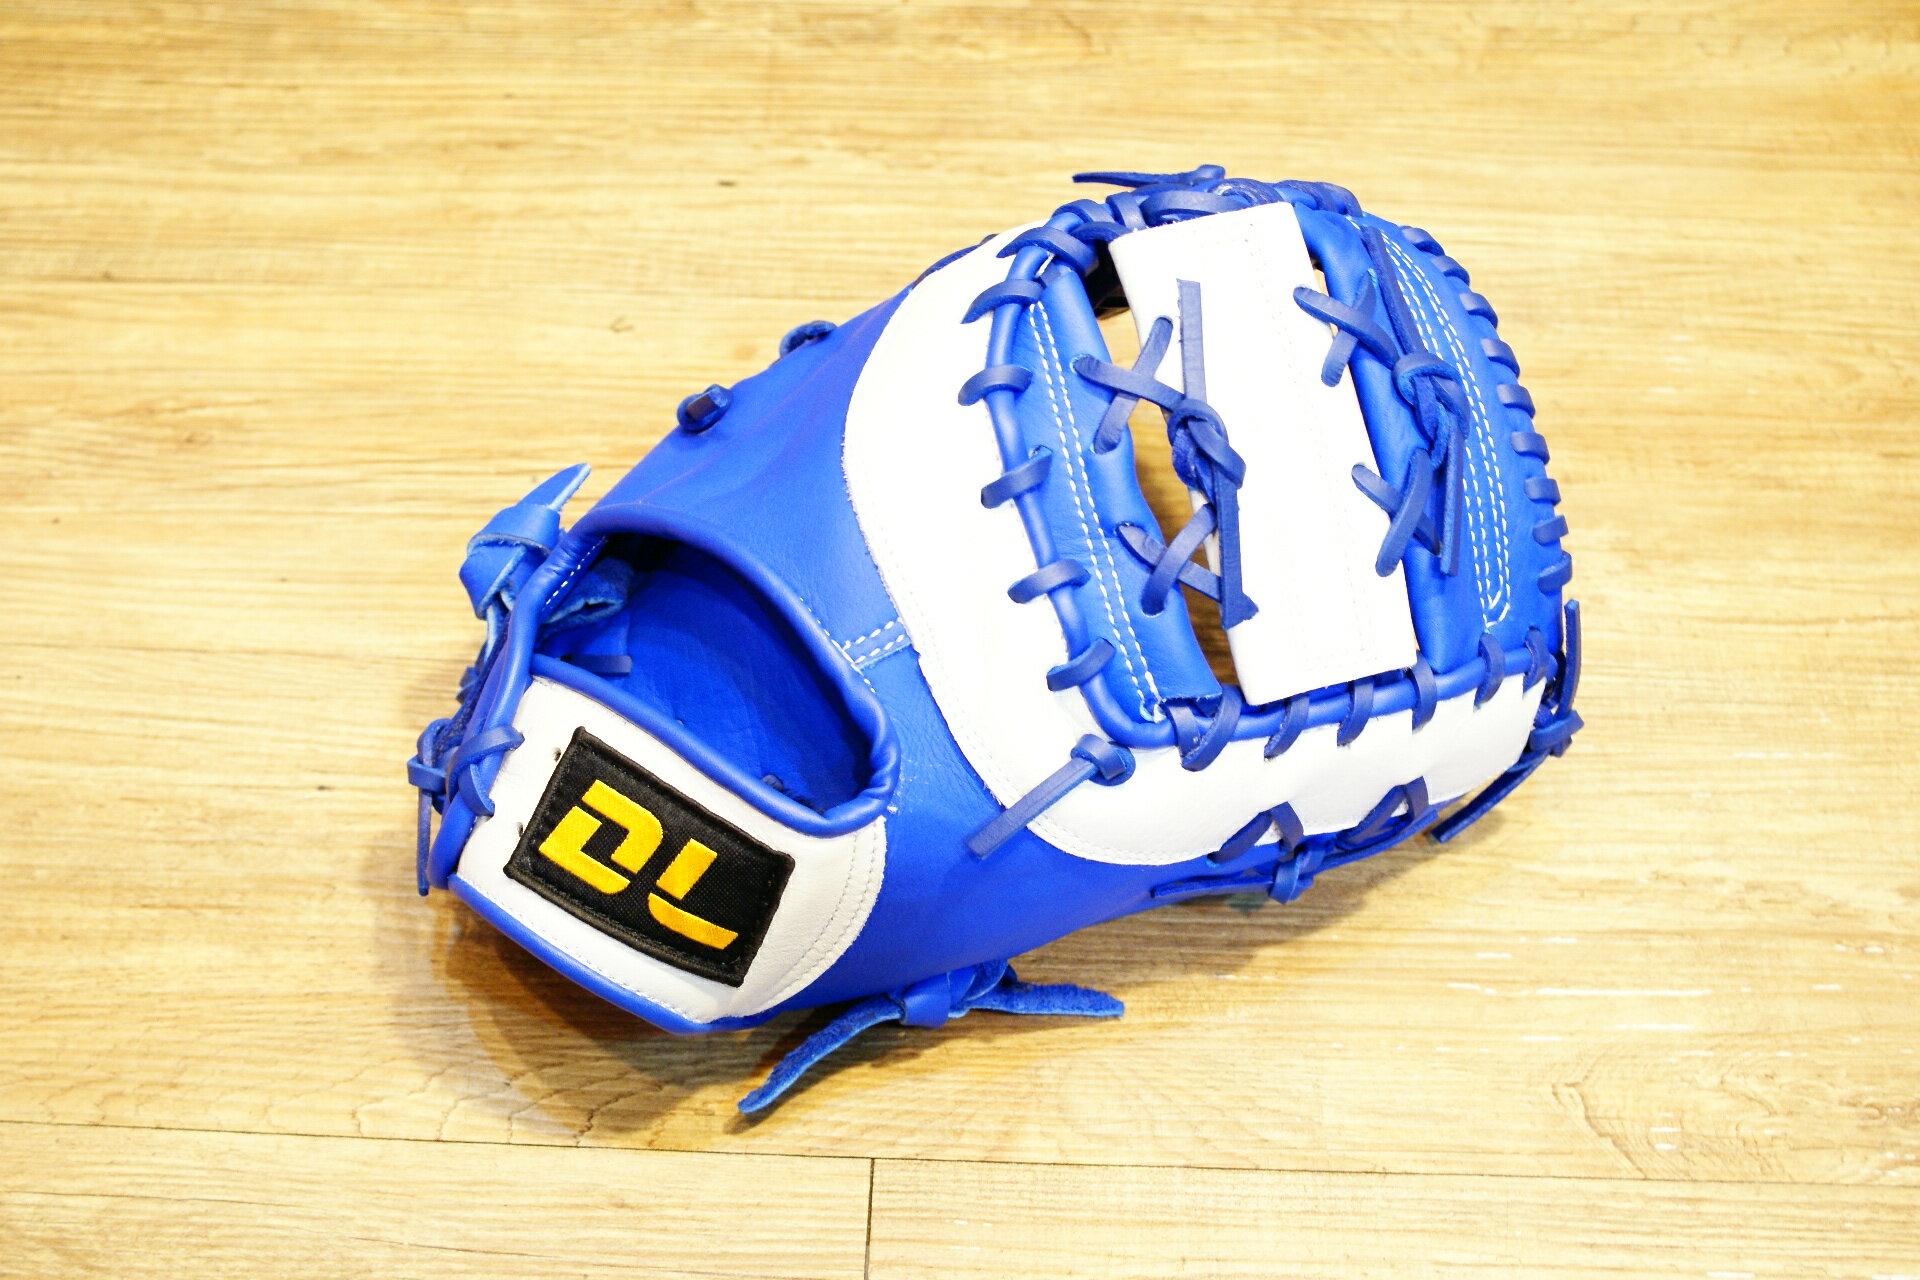 〈棒球世界〉全新DL 一壘訂製款 棒壘球用手套 特價藍白配色